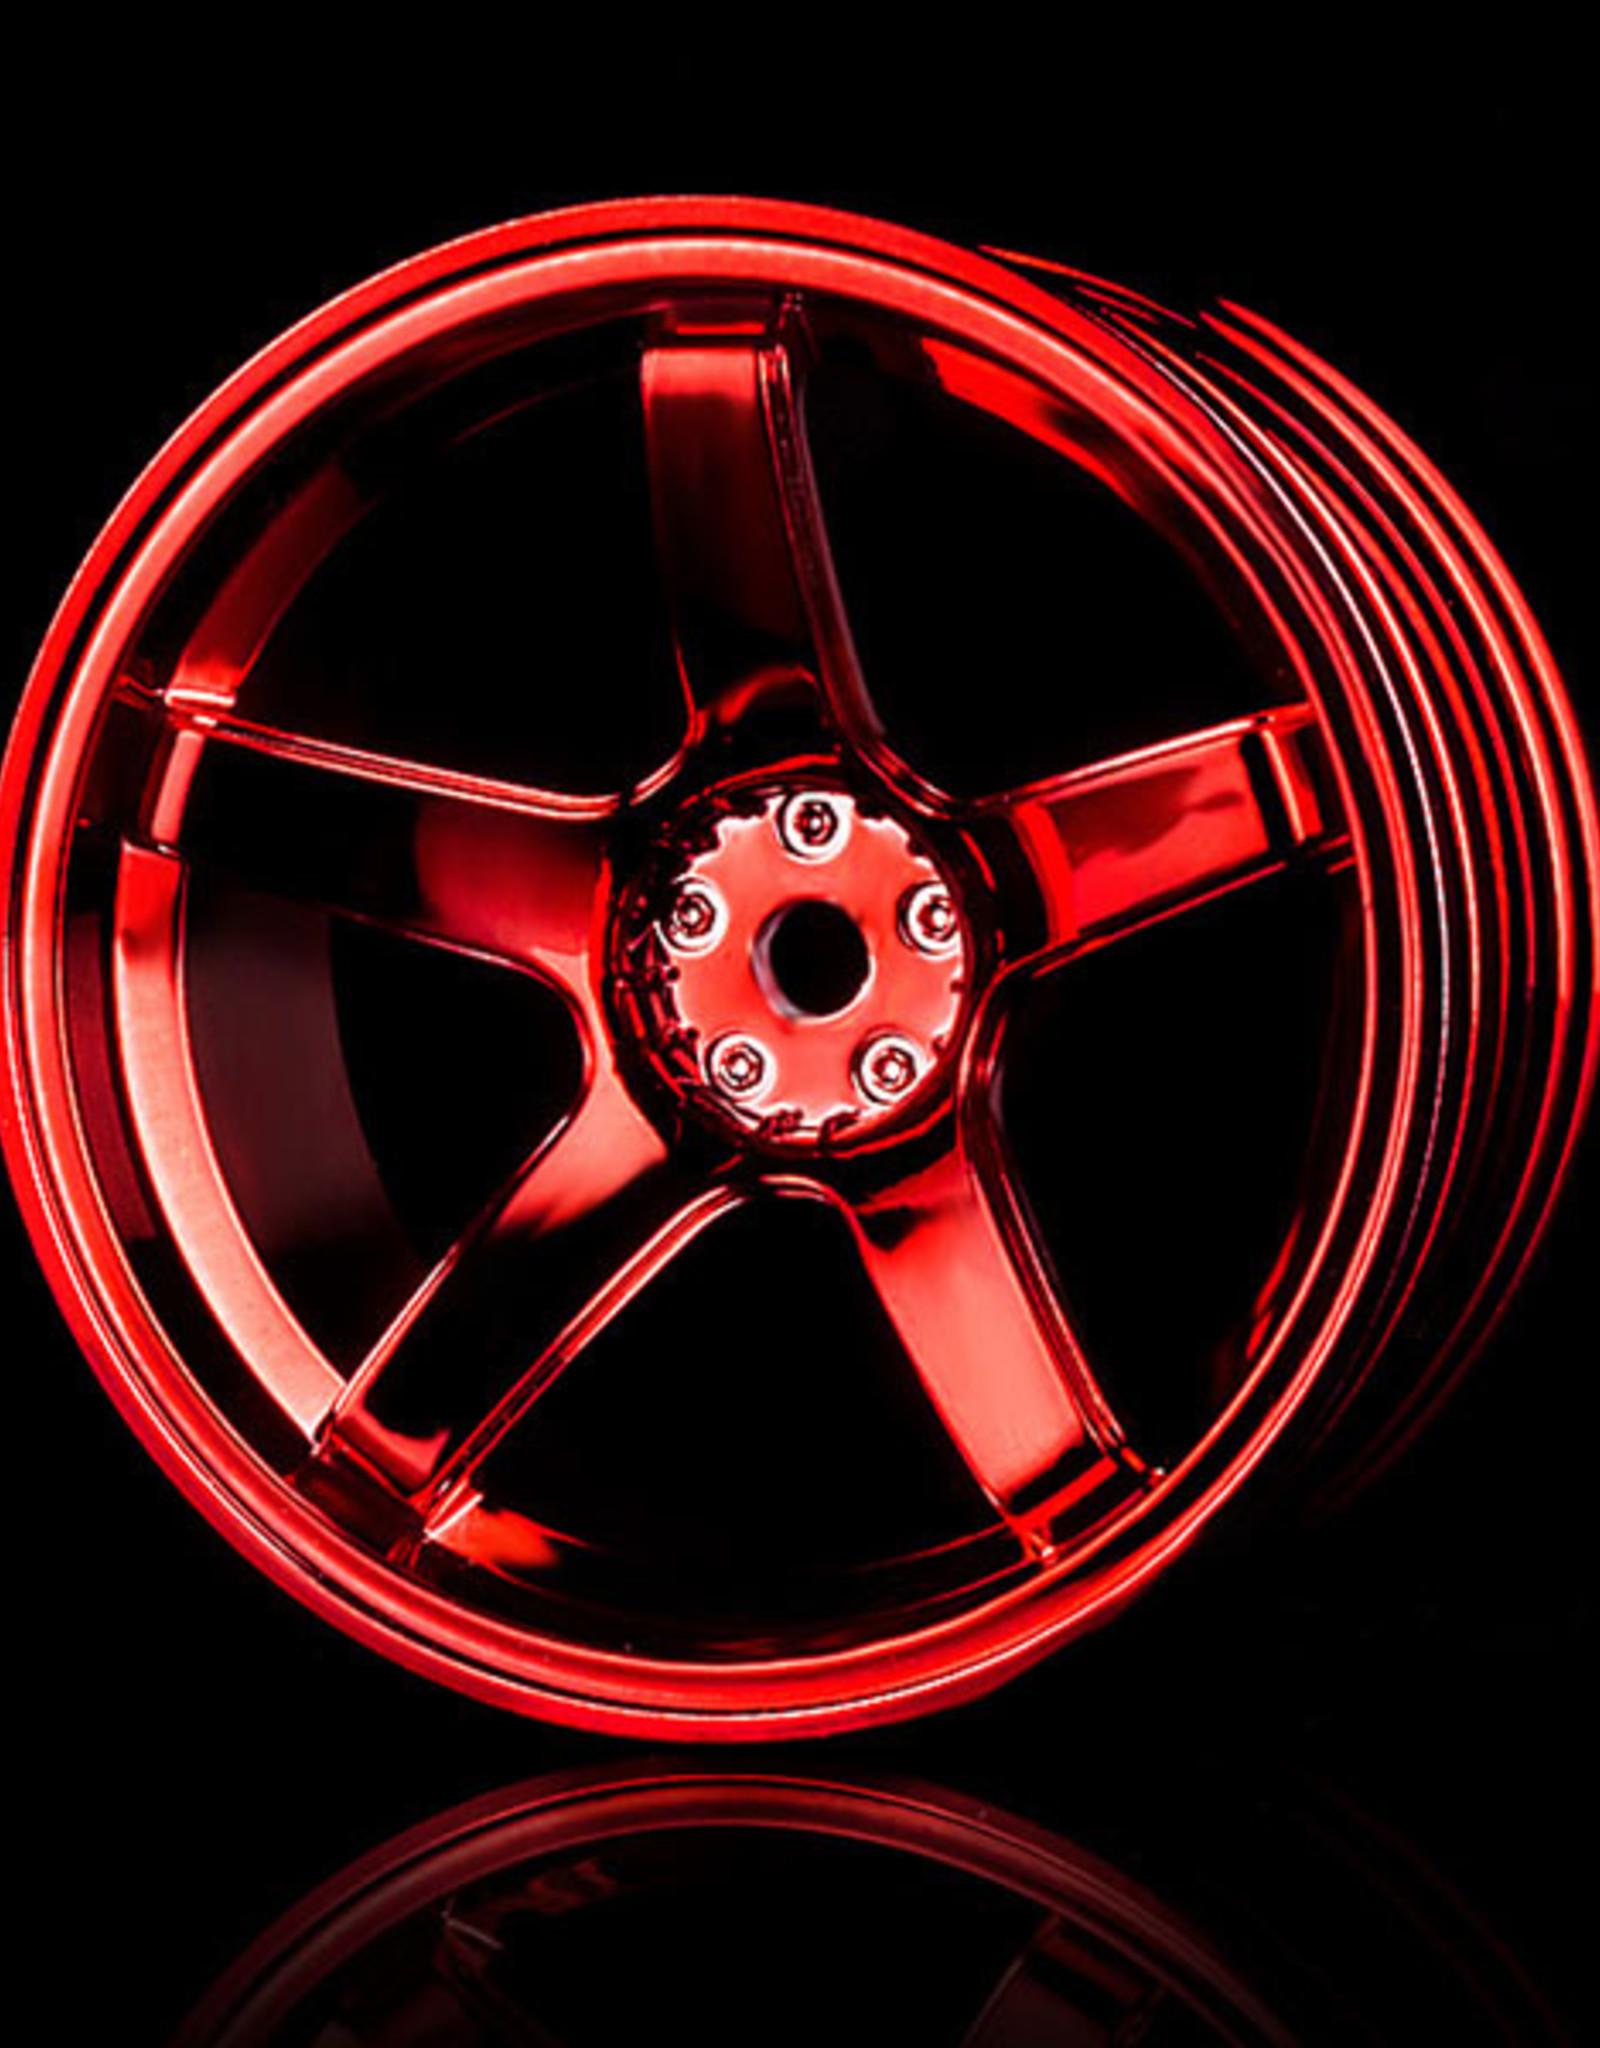 MST 5 Spoke Wheel by MST Red 8mm